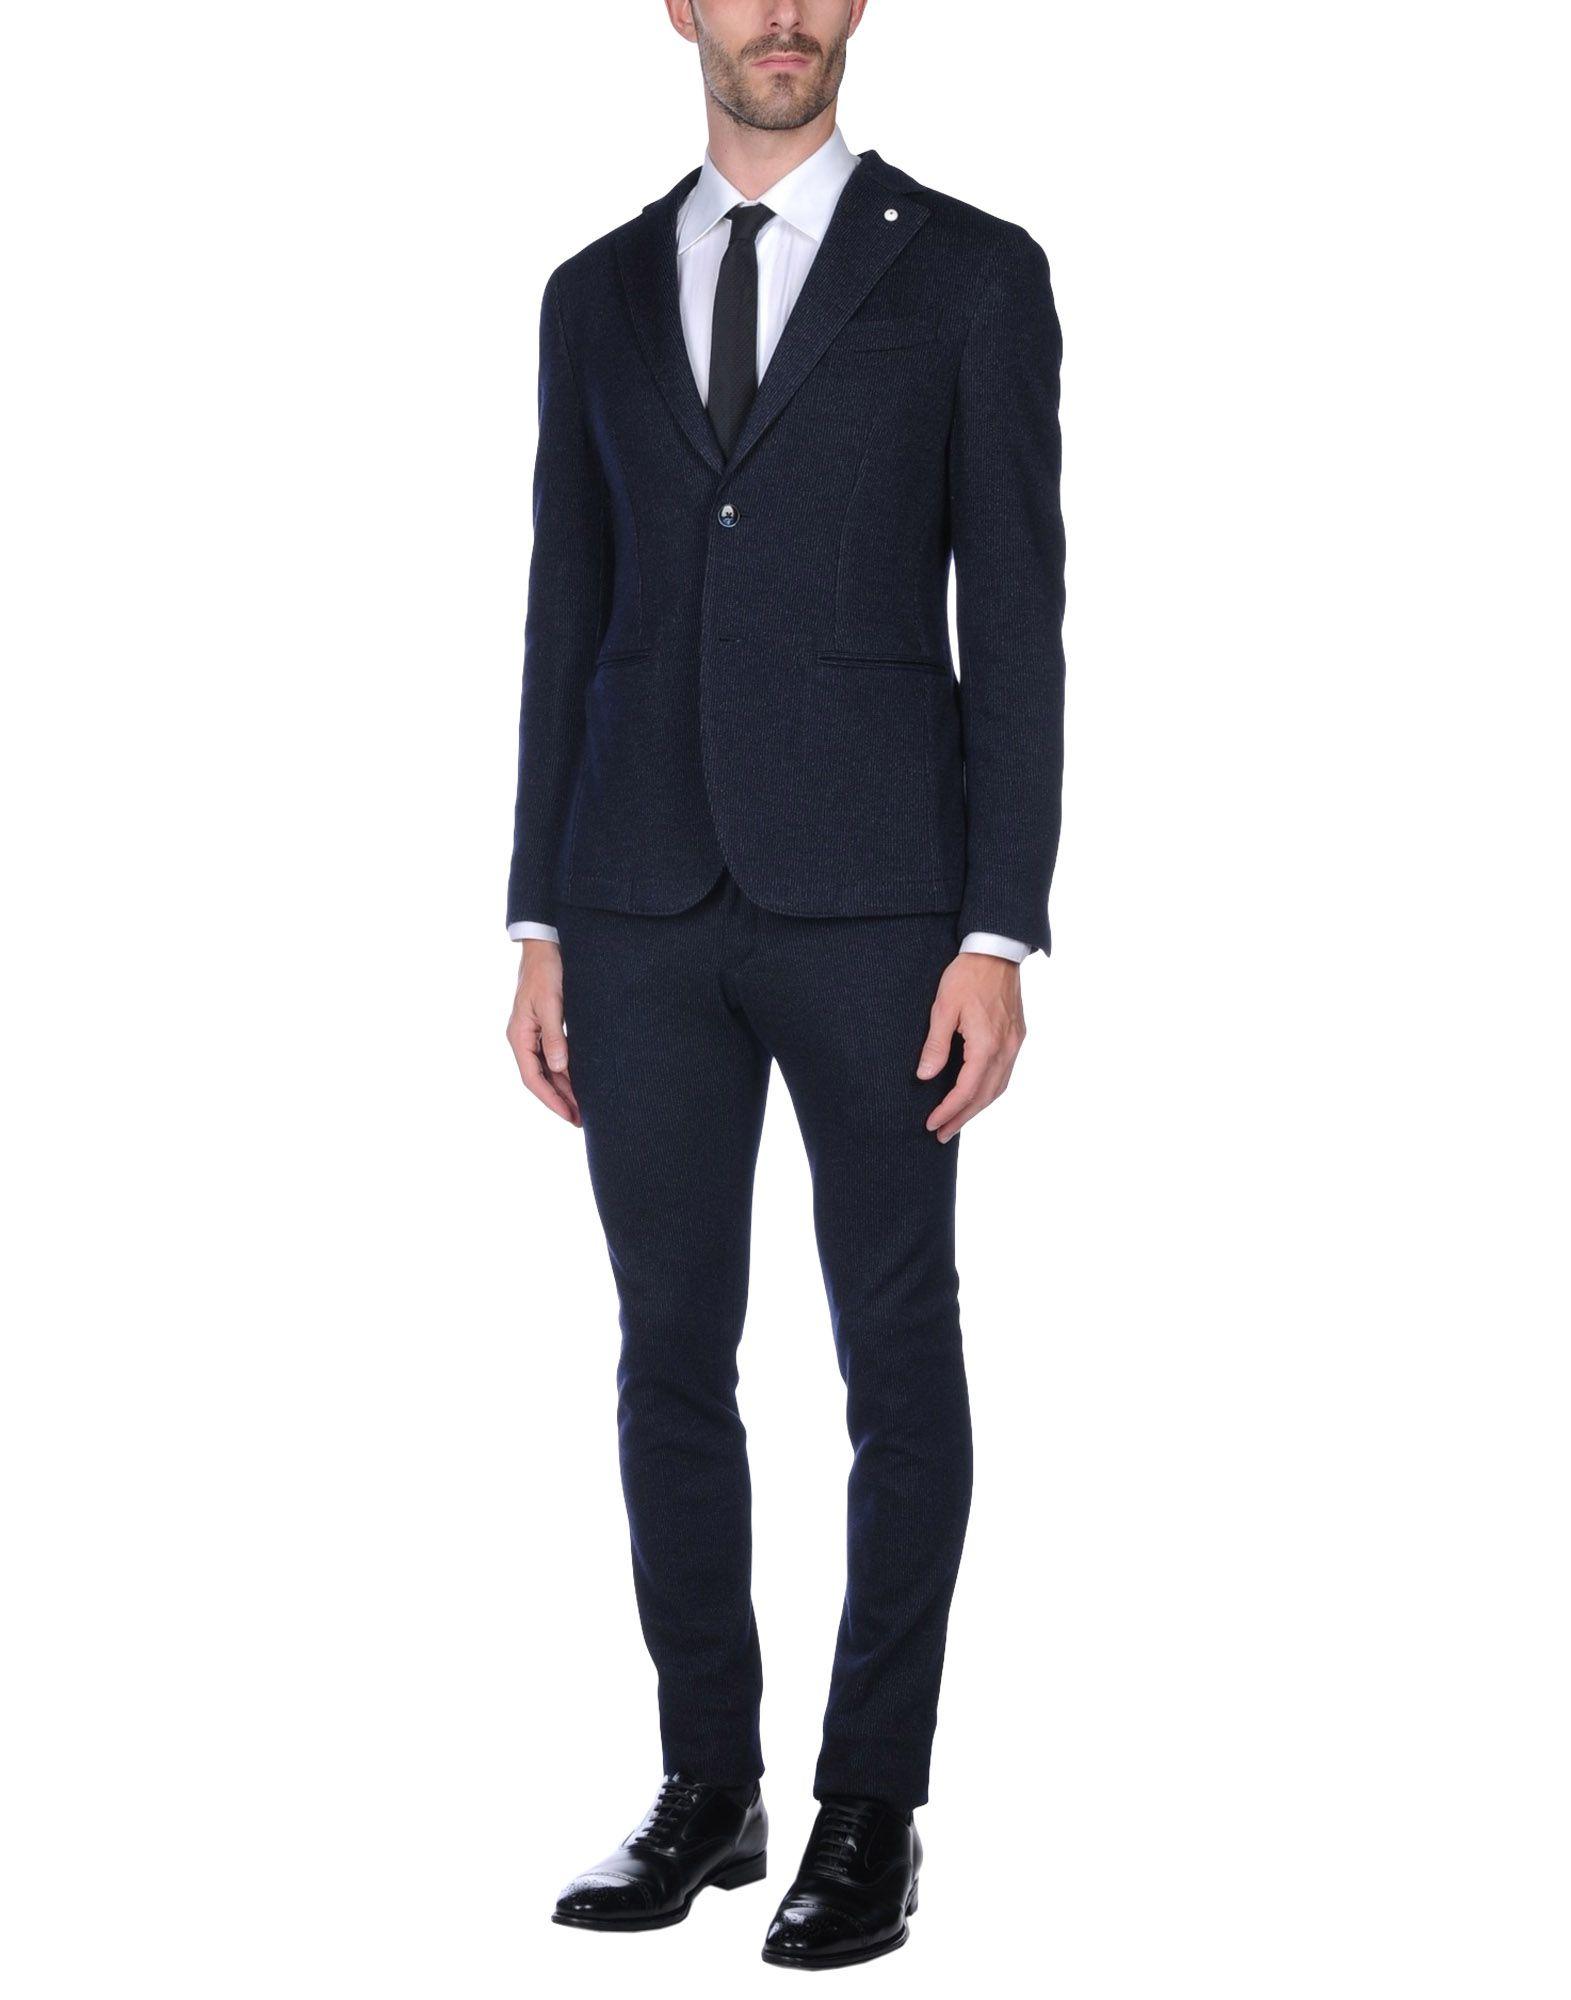 LUIGI BIANCHI Mantova Herren Anzug Farbe Dunkelblau Größe 5 jetztbilligerkaufen